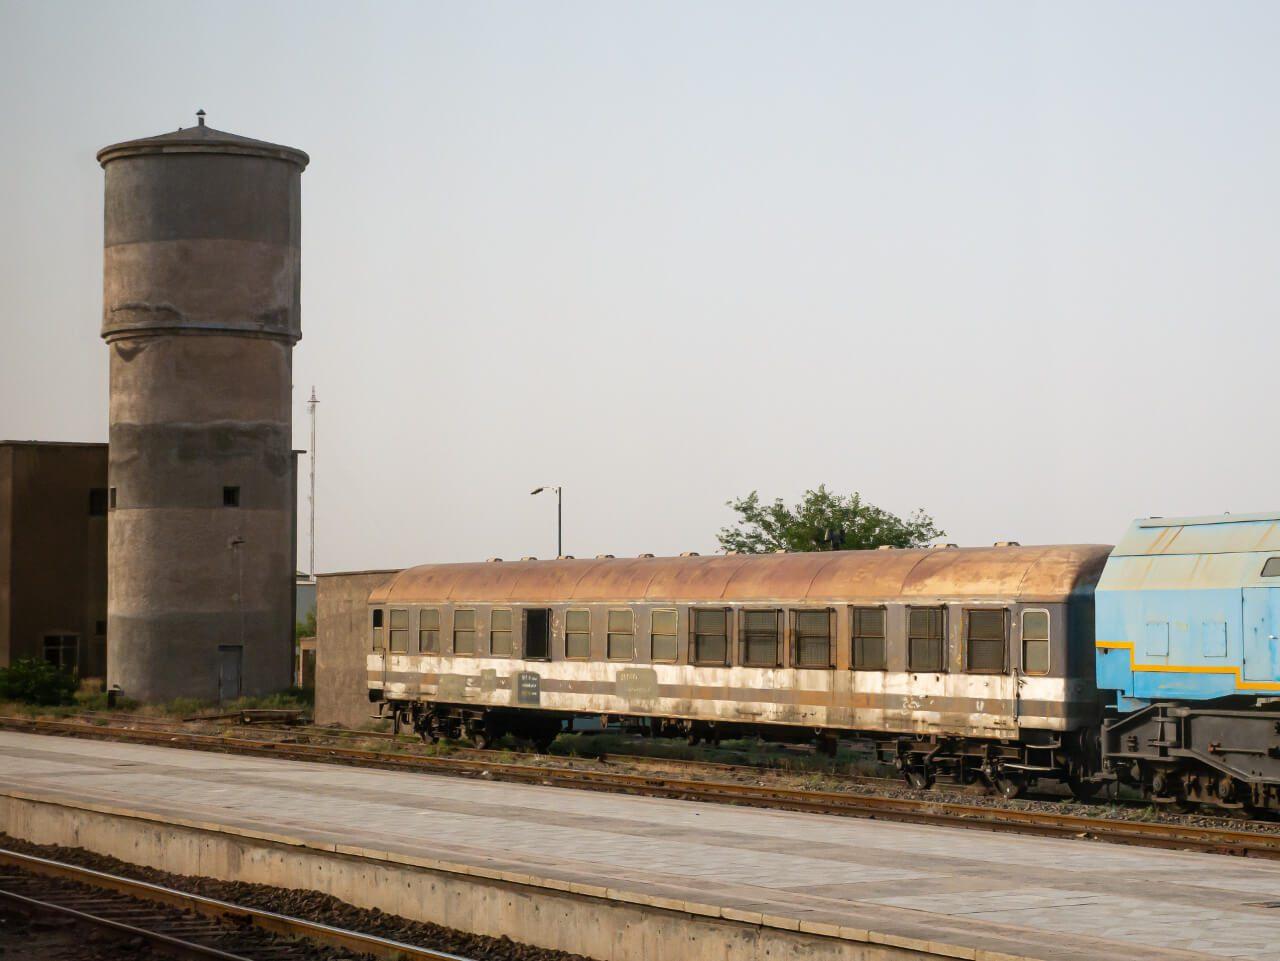 Zdezelowany wagon na linii kolejowej z Teheranu do Shiraz